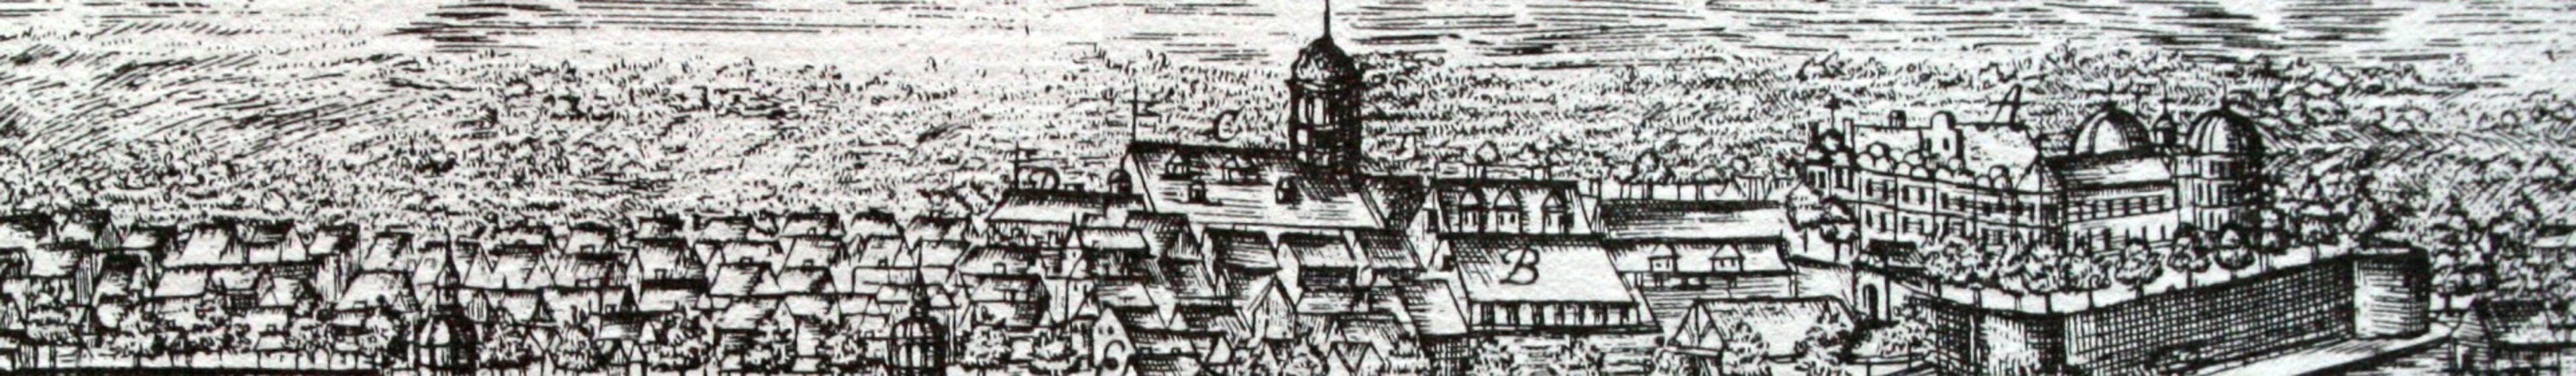 Celle im Lueneburgischen 1763_1920x280